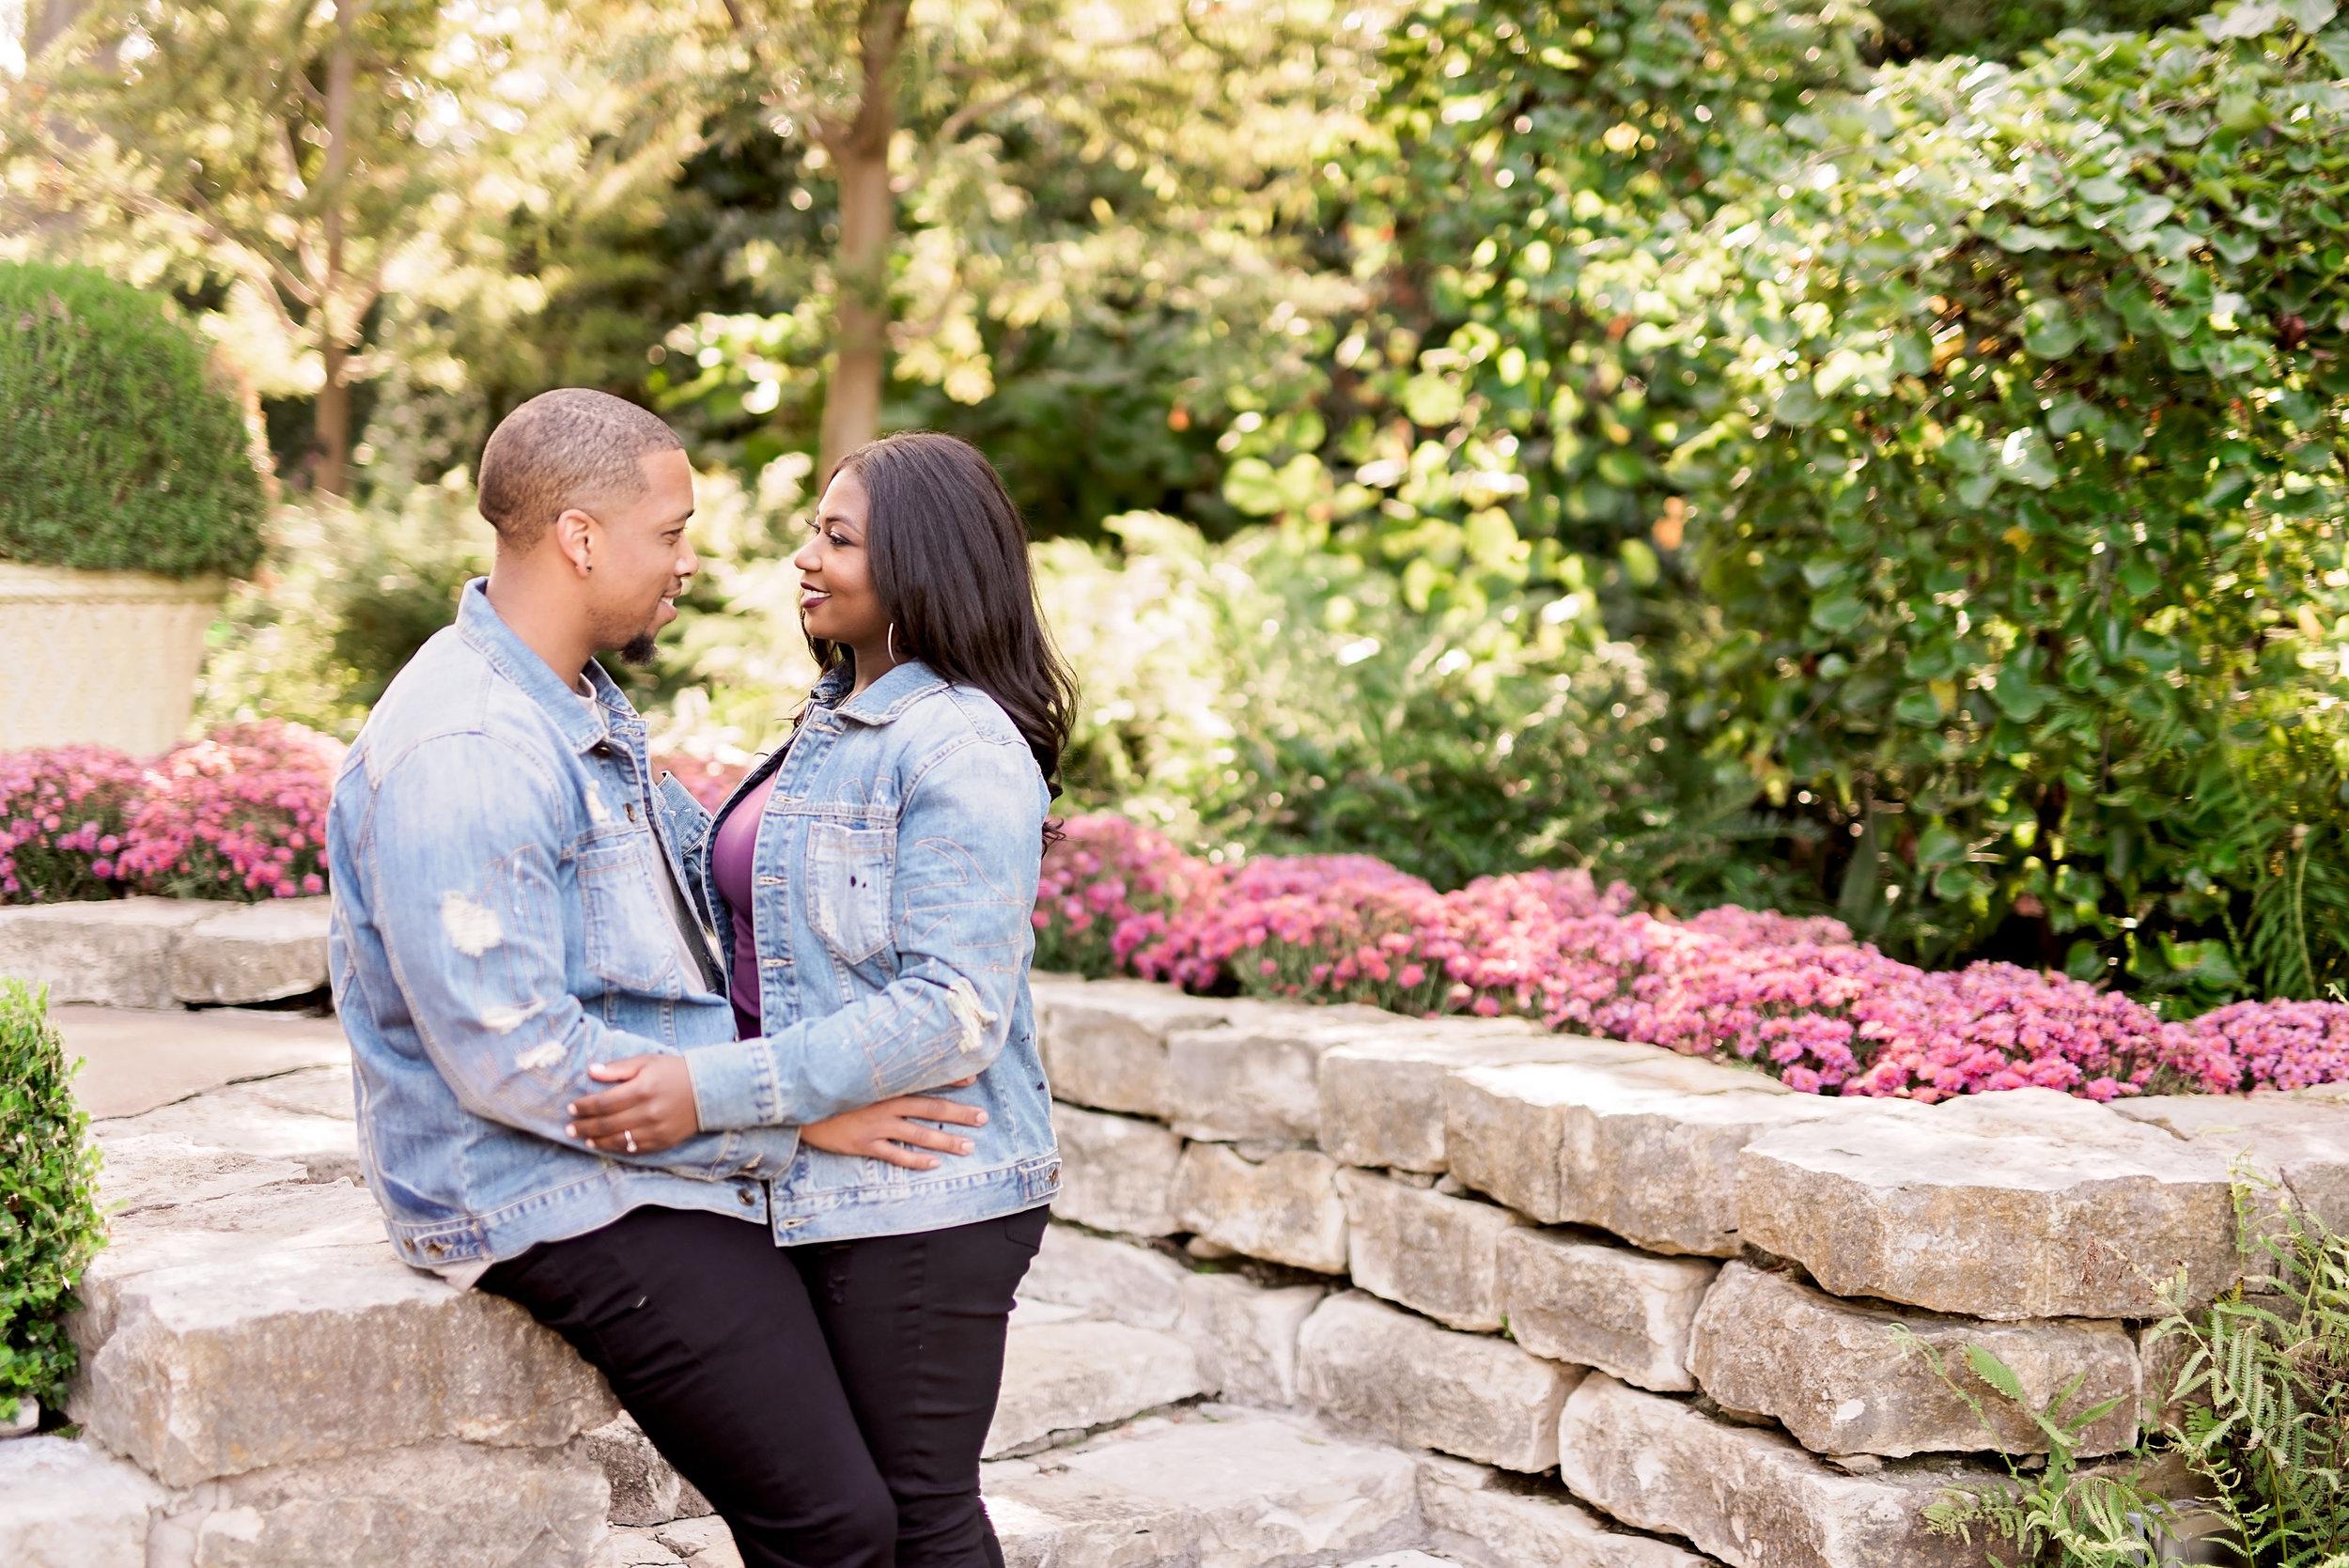 Kevin-Adriana-Pharris-Photography-Engagement-Photoshoot-16.jpg